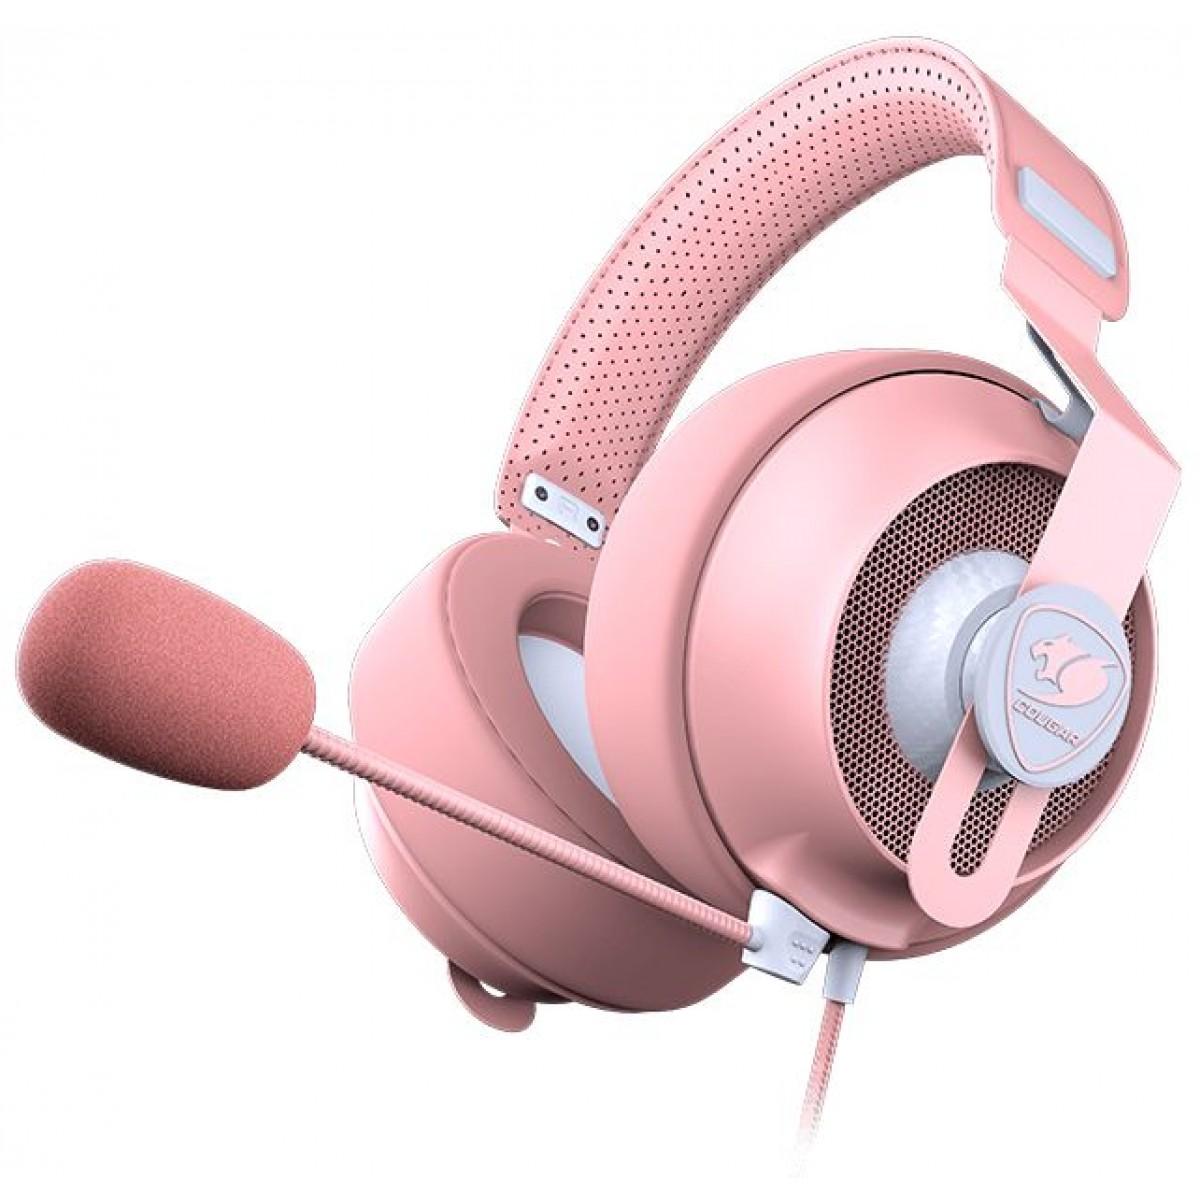 Headset Gamer Cougar Phontum S, Pink, 3H500P53P-0001